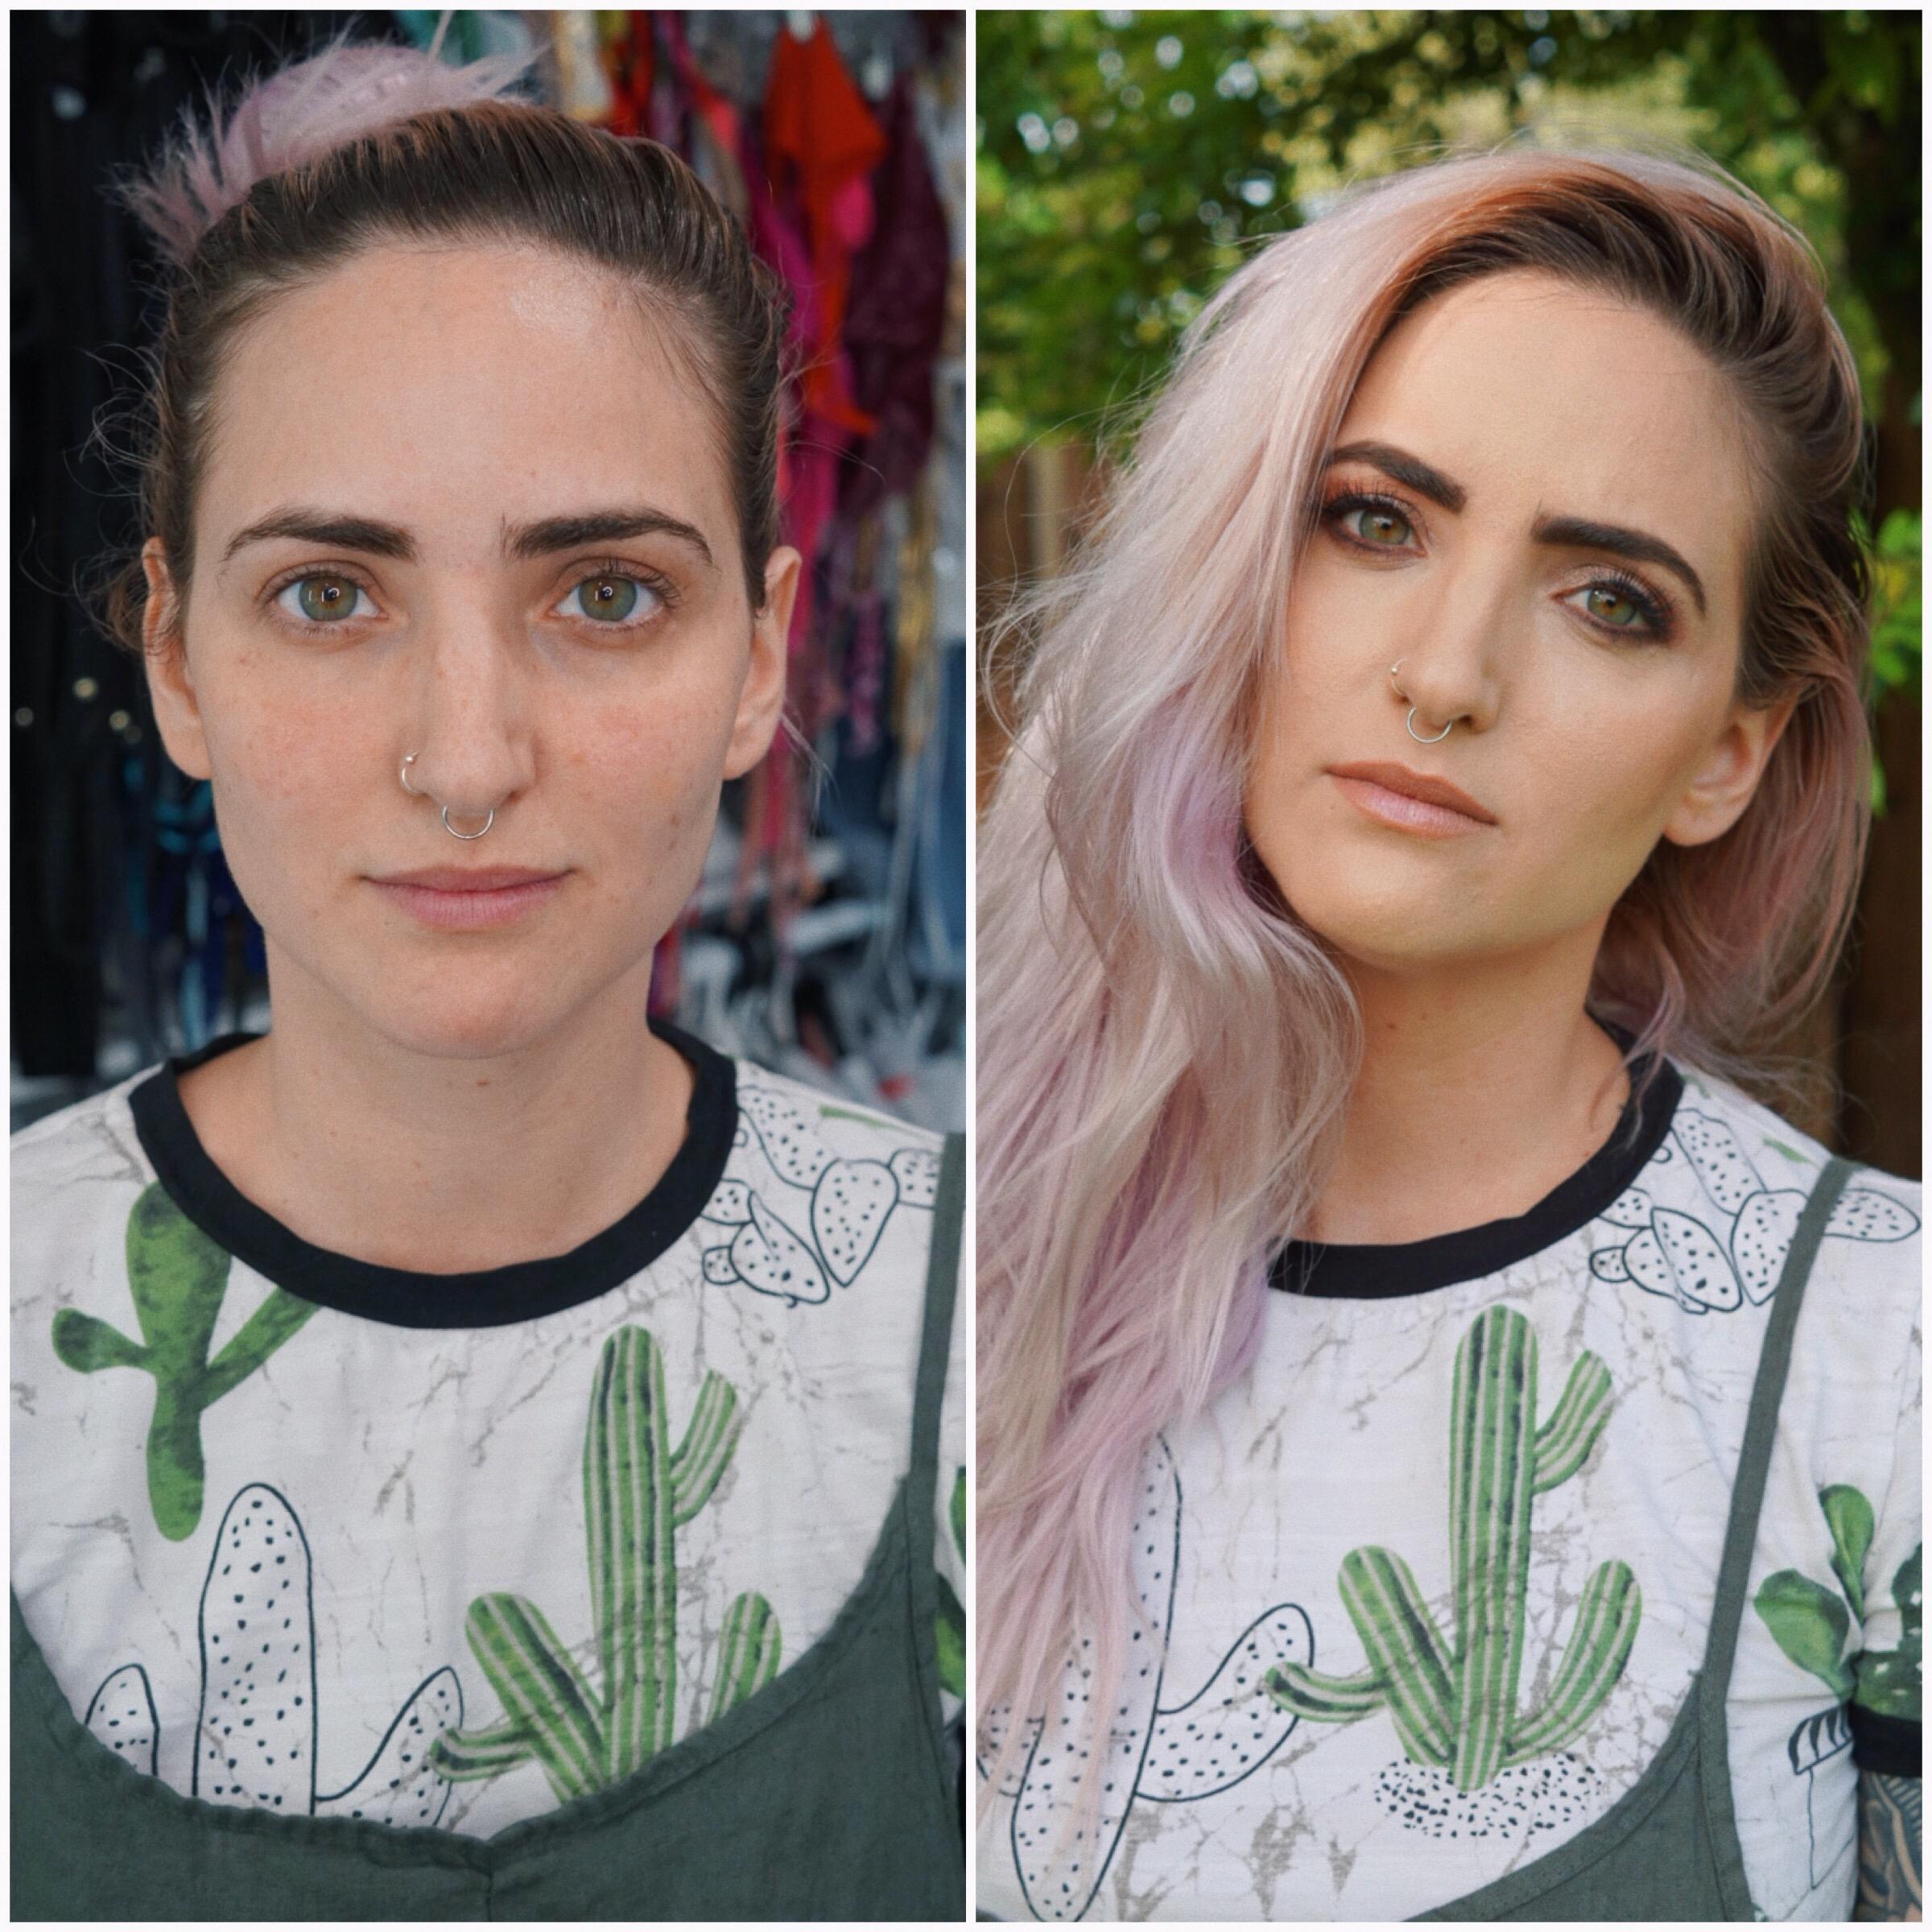 El antes y después sin edición para que puedan verlo como quedó